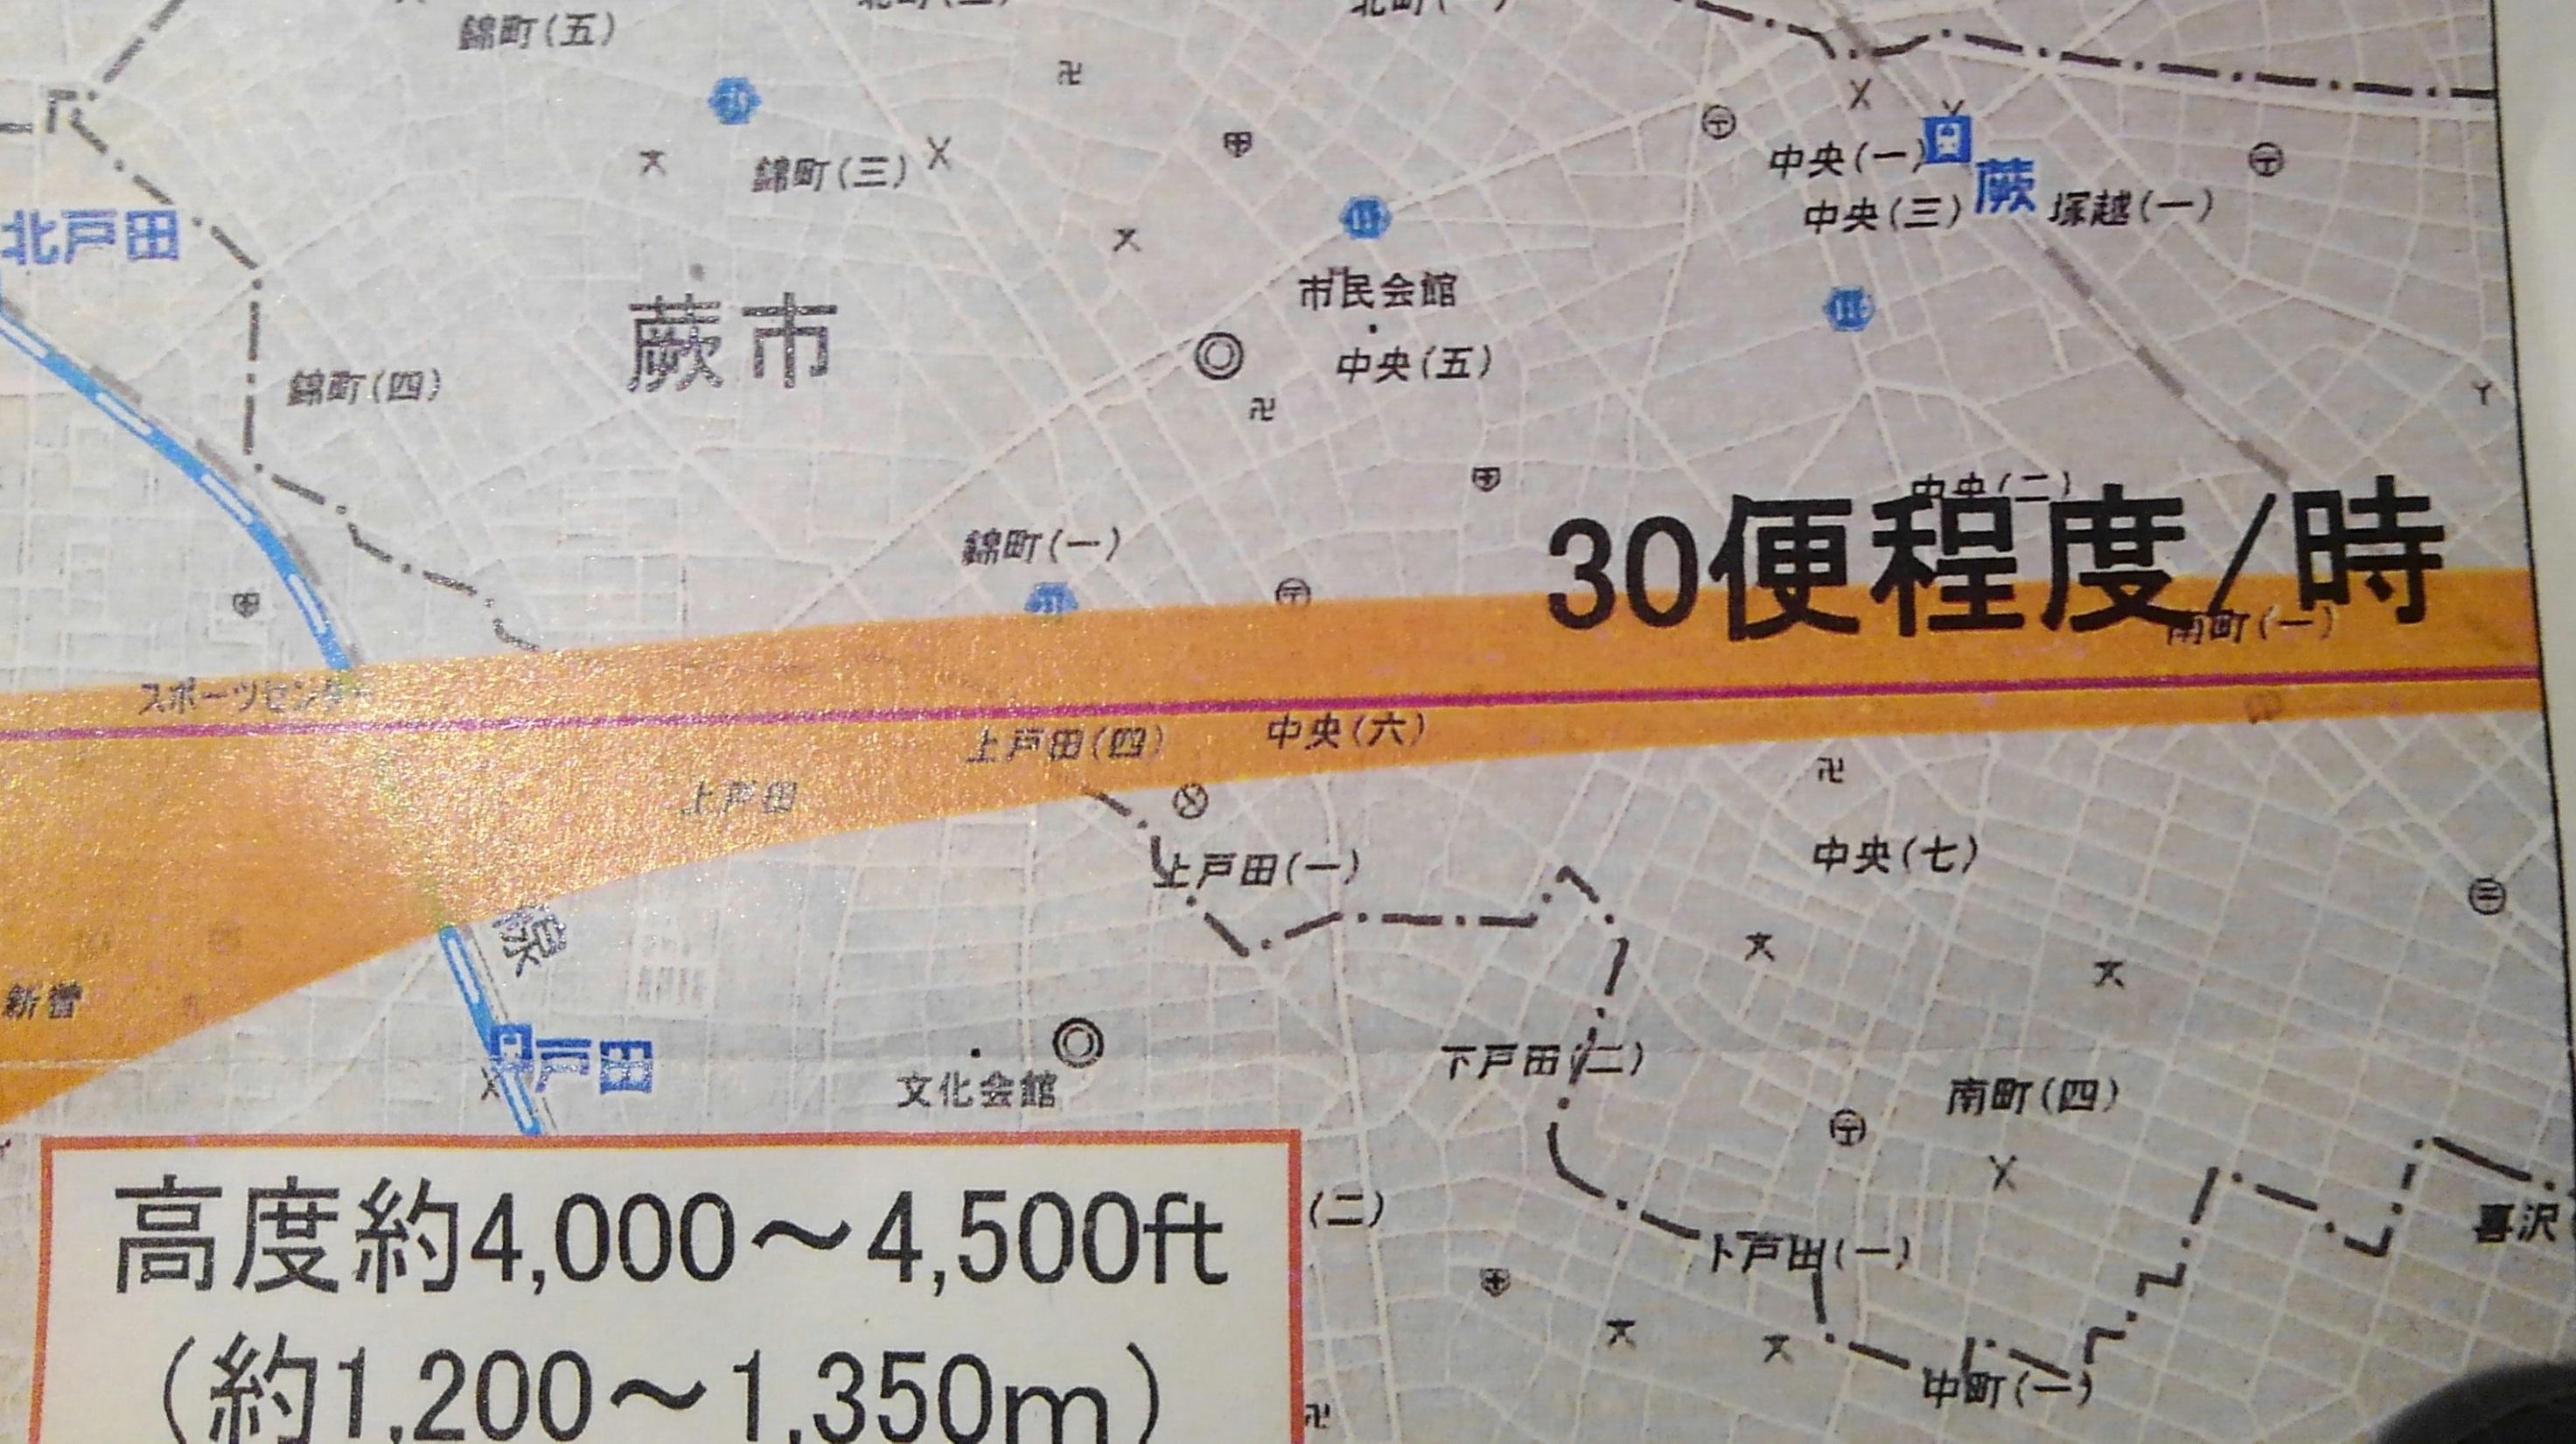 国交省が住民説明用に配布している「飛行経路(案)」。帯の部分を右から左へと飛ぶ